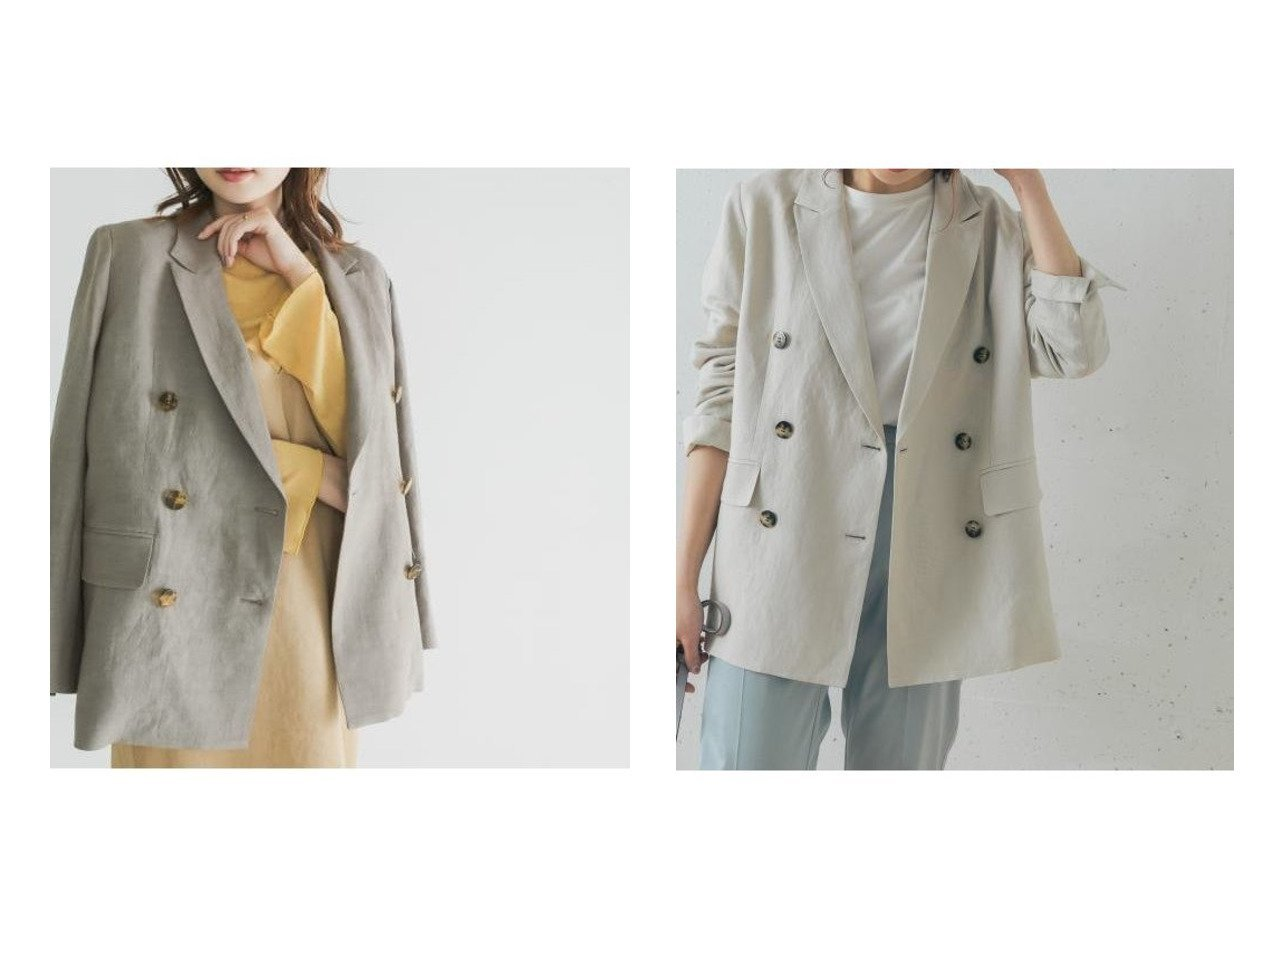 【URBAN RESEARCH ROSSO/アーバンリサーチ ロッソ】のピークドラペルダブルジャケット 【アウター】おすすめ!人気、トレンド・レディースファッションの通販 おすすめで人気の流行・トレンド、ファッションの通販商品 メンズファッション・キッズファッション・インテリア・家具・レディースファッション・服の通販 founy(ファニー) https://founy.com/ ファッション Fashion レディースファッション WOMEN アウター Coat Outerwear ジャケット Jackets テーラードジャケット Tailored Jackets キャミワンピース ジャケット ダブル パターン ポケット ミックス リネン おすすめ Recommend  ID:crp329100000035526